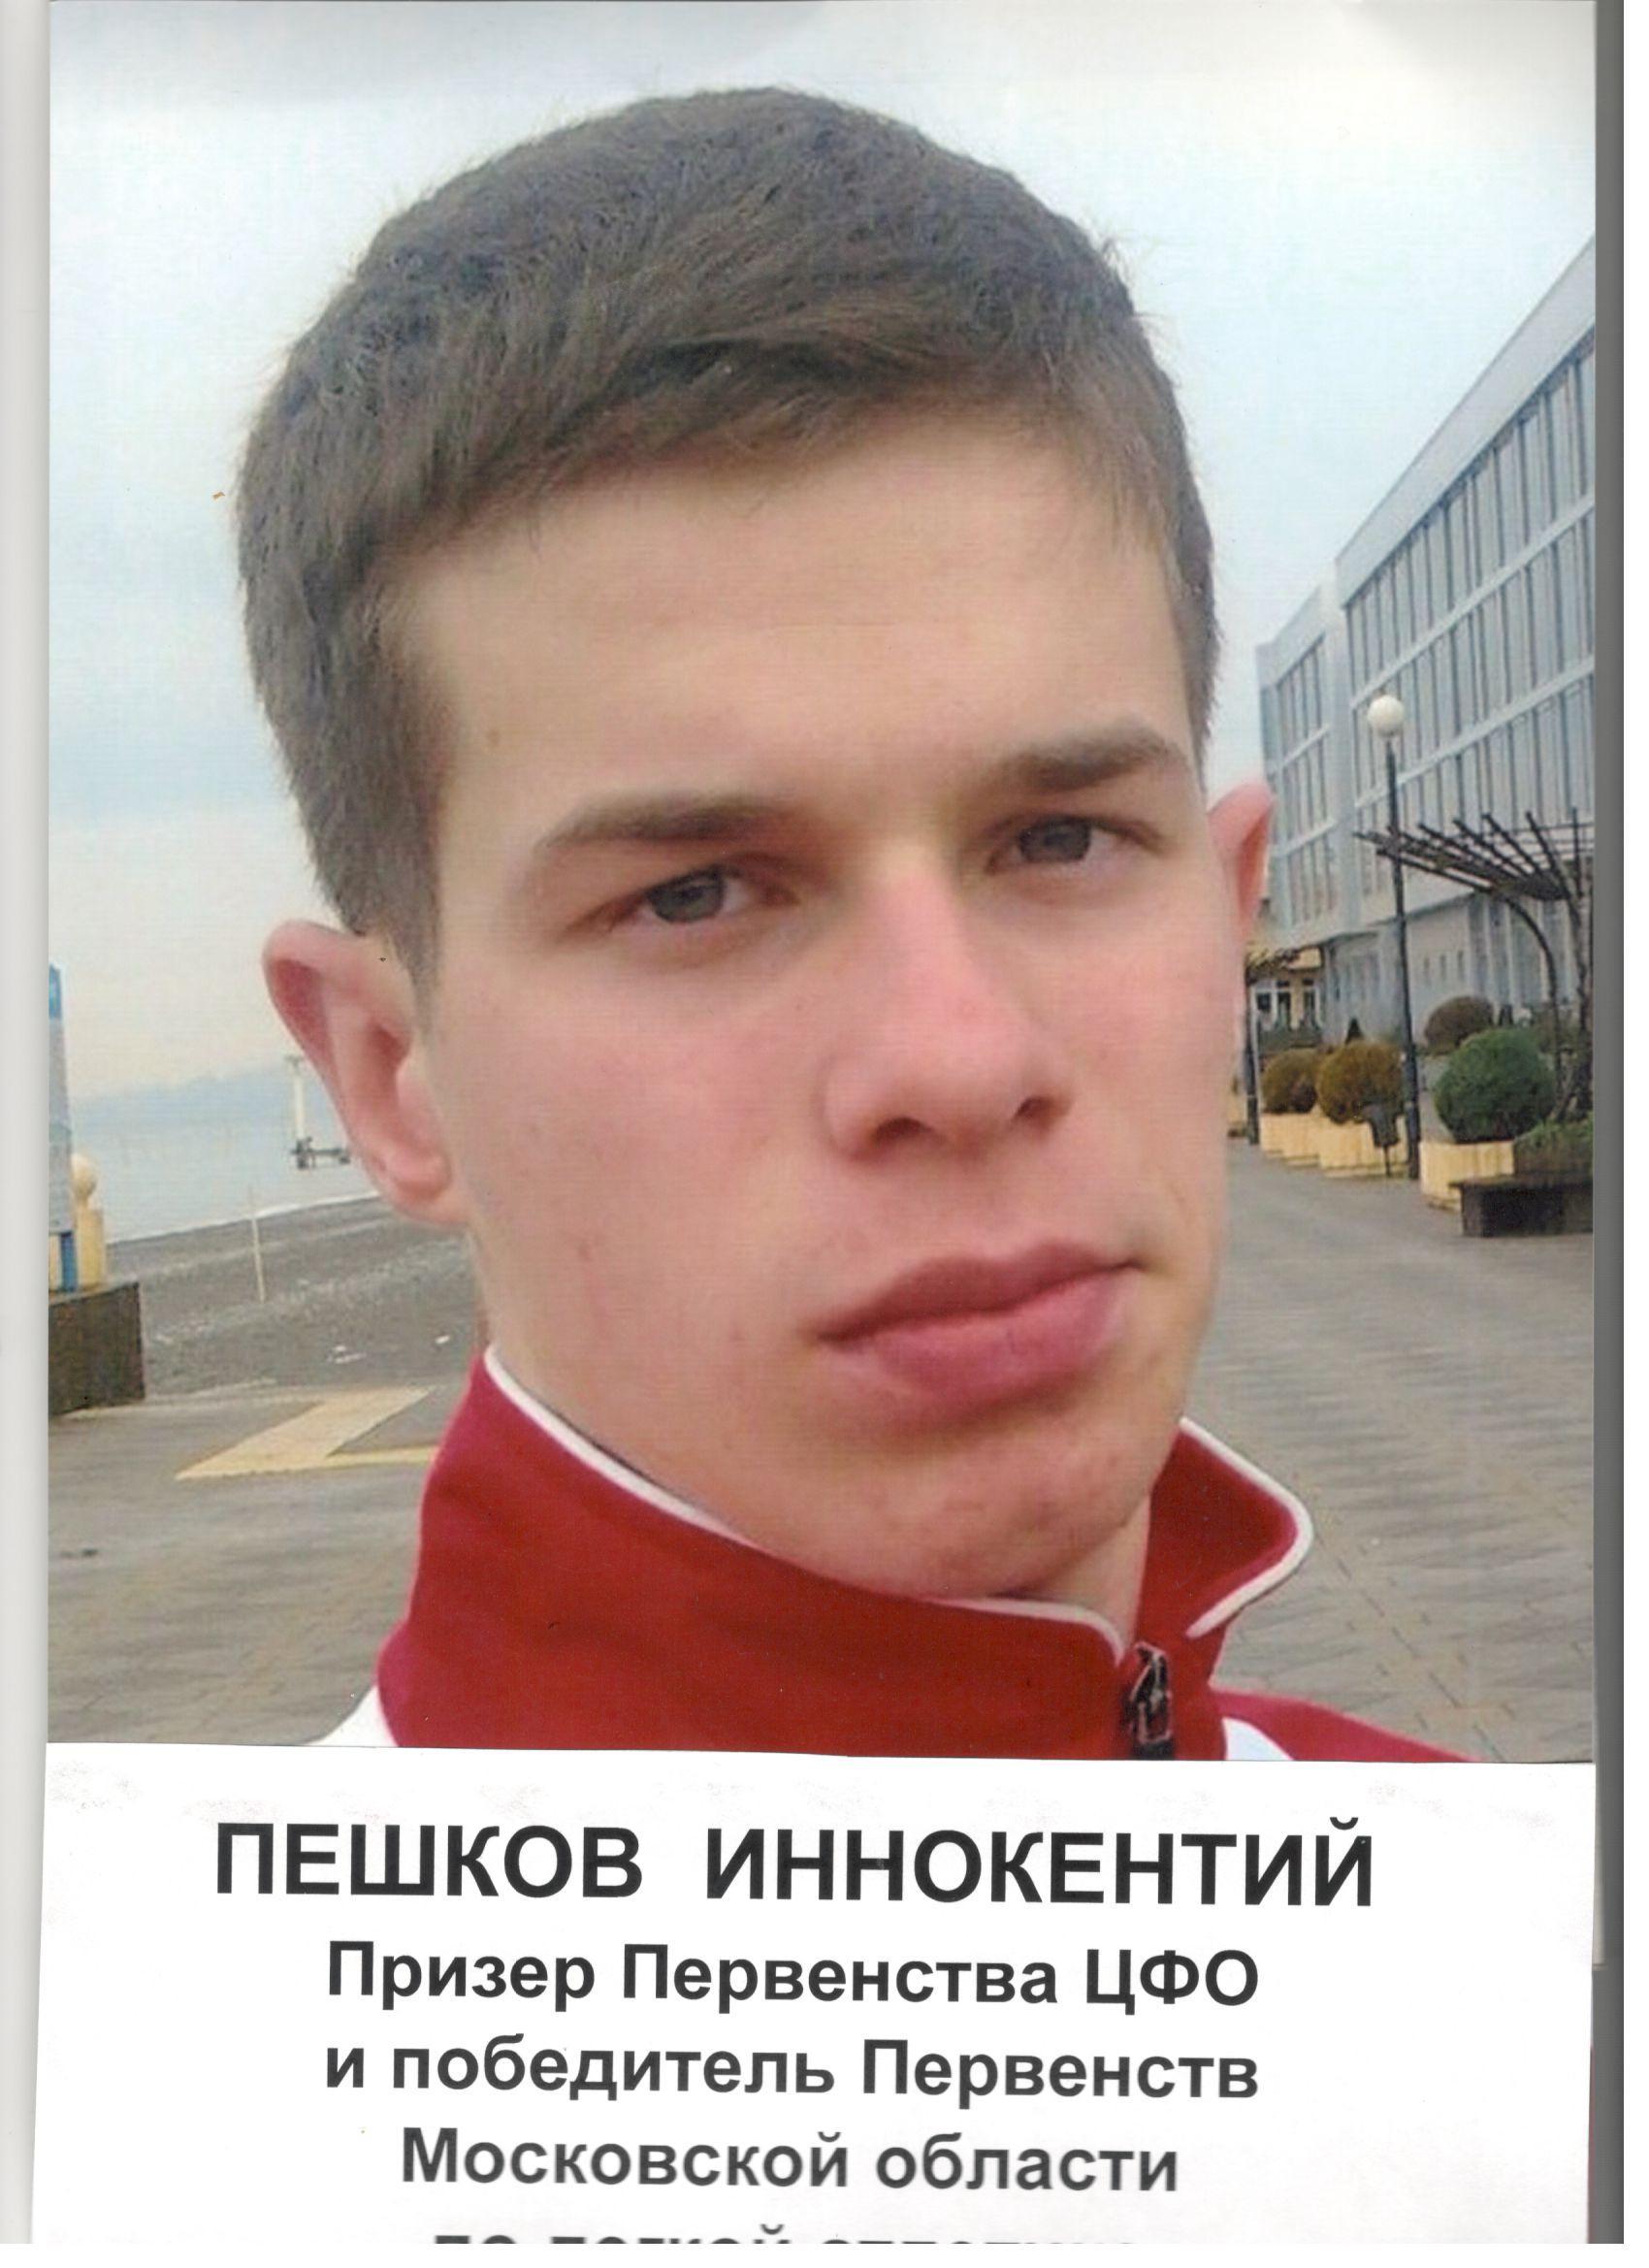 Пешков